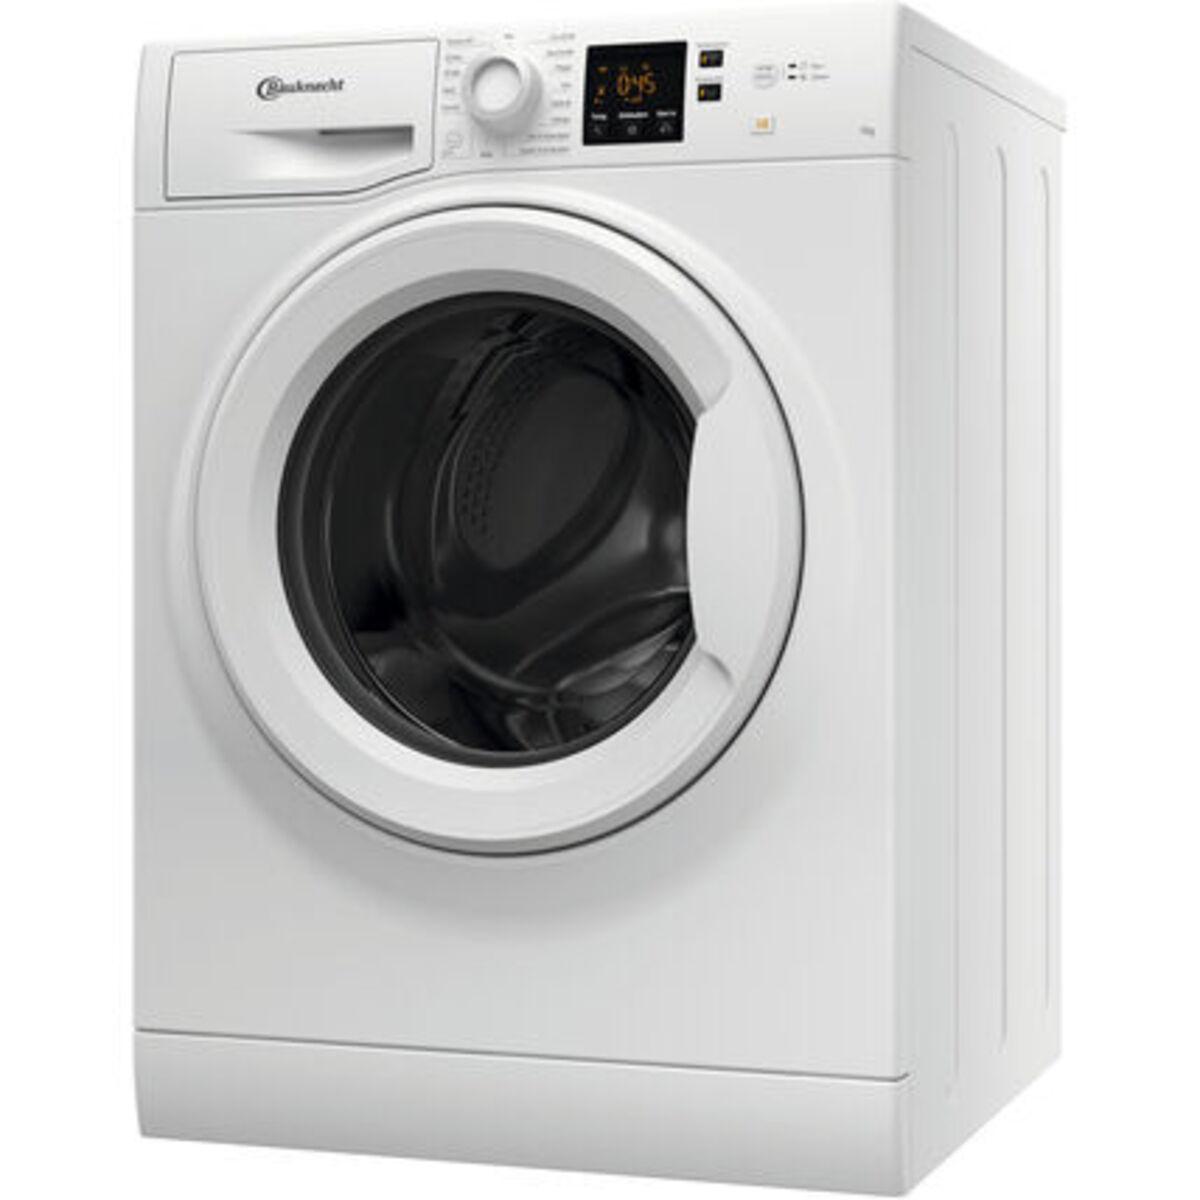 Bild 4 von Bauknecht AW 7A3 Waschmaschine, 7 kg, A+++